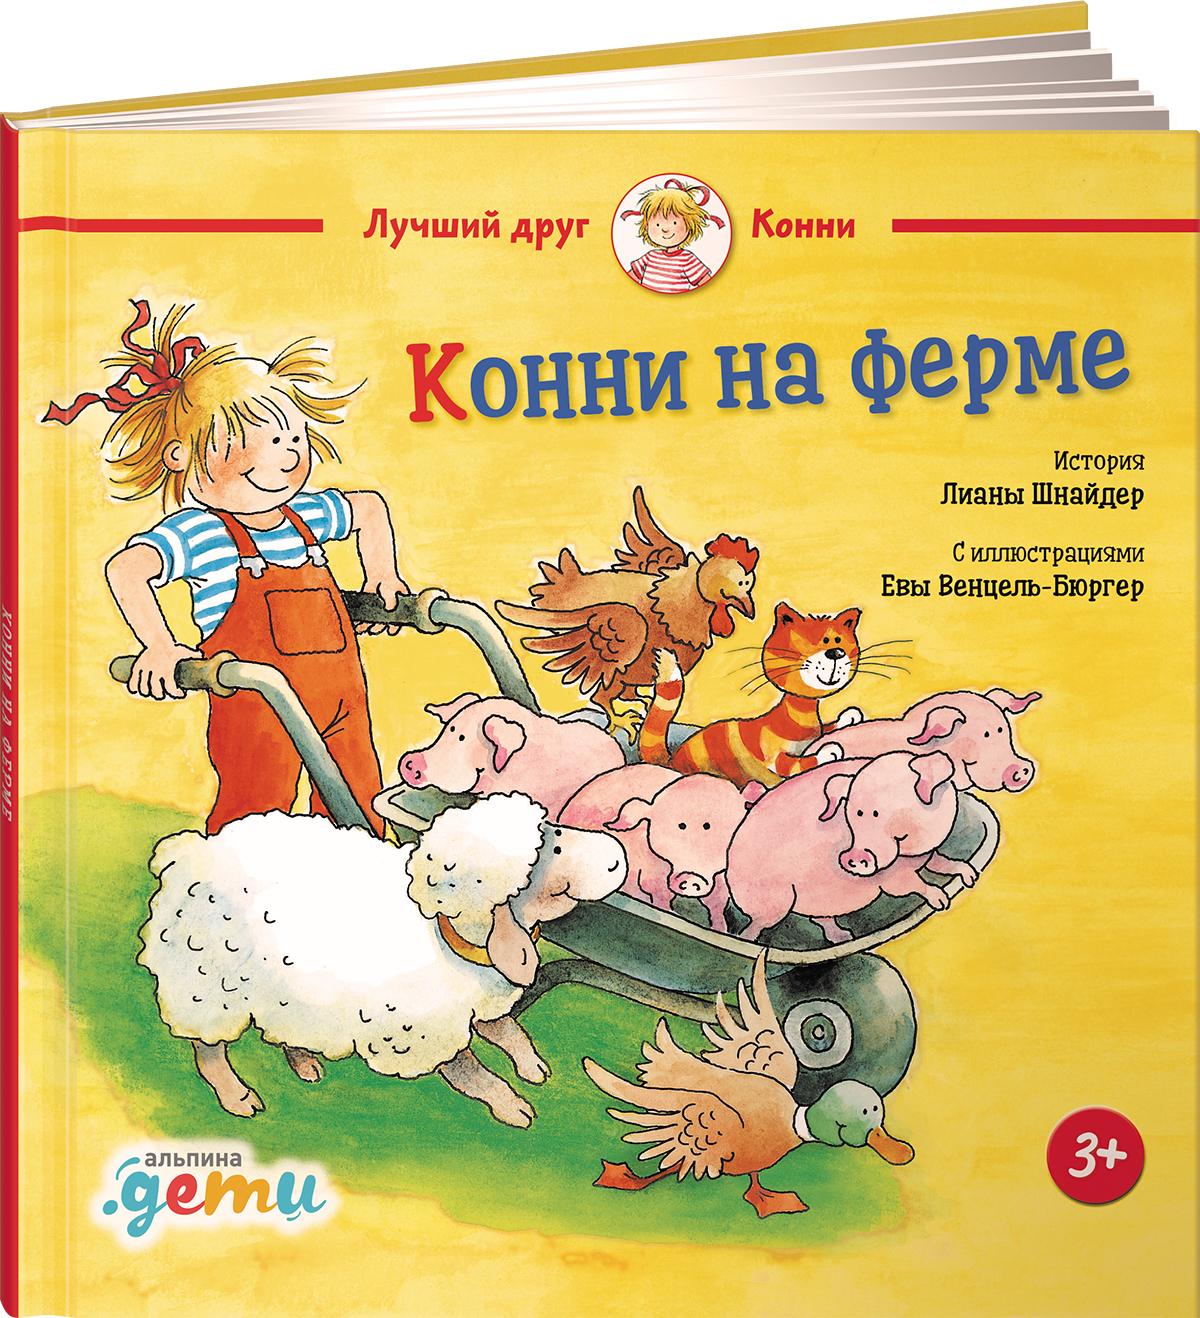 Лиана Шнайдер Конни на ферме ISBN: 978-5-9614-6966-0